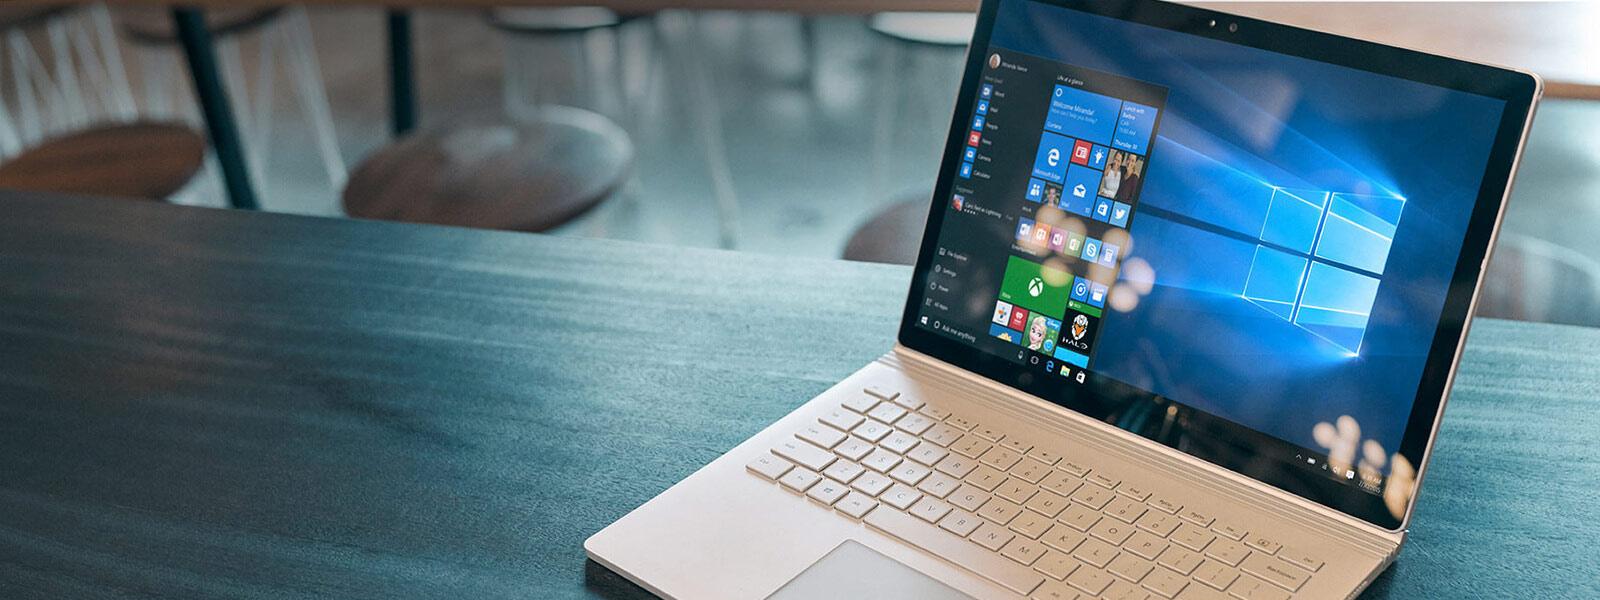 Appareils Windows 10.